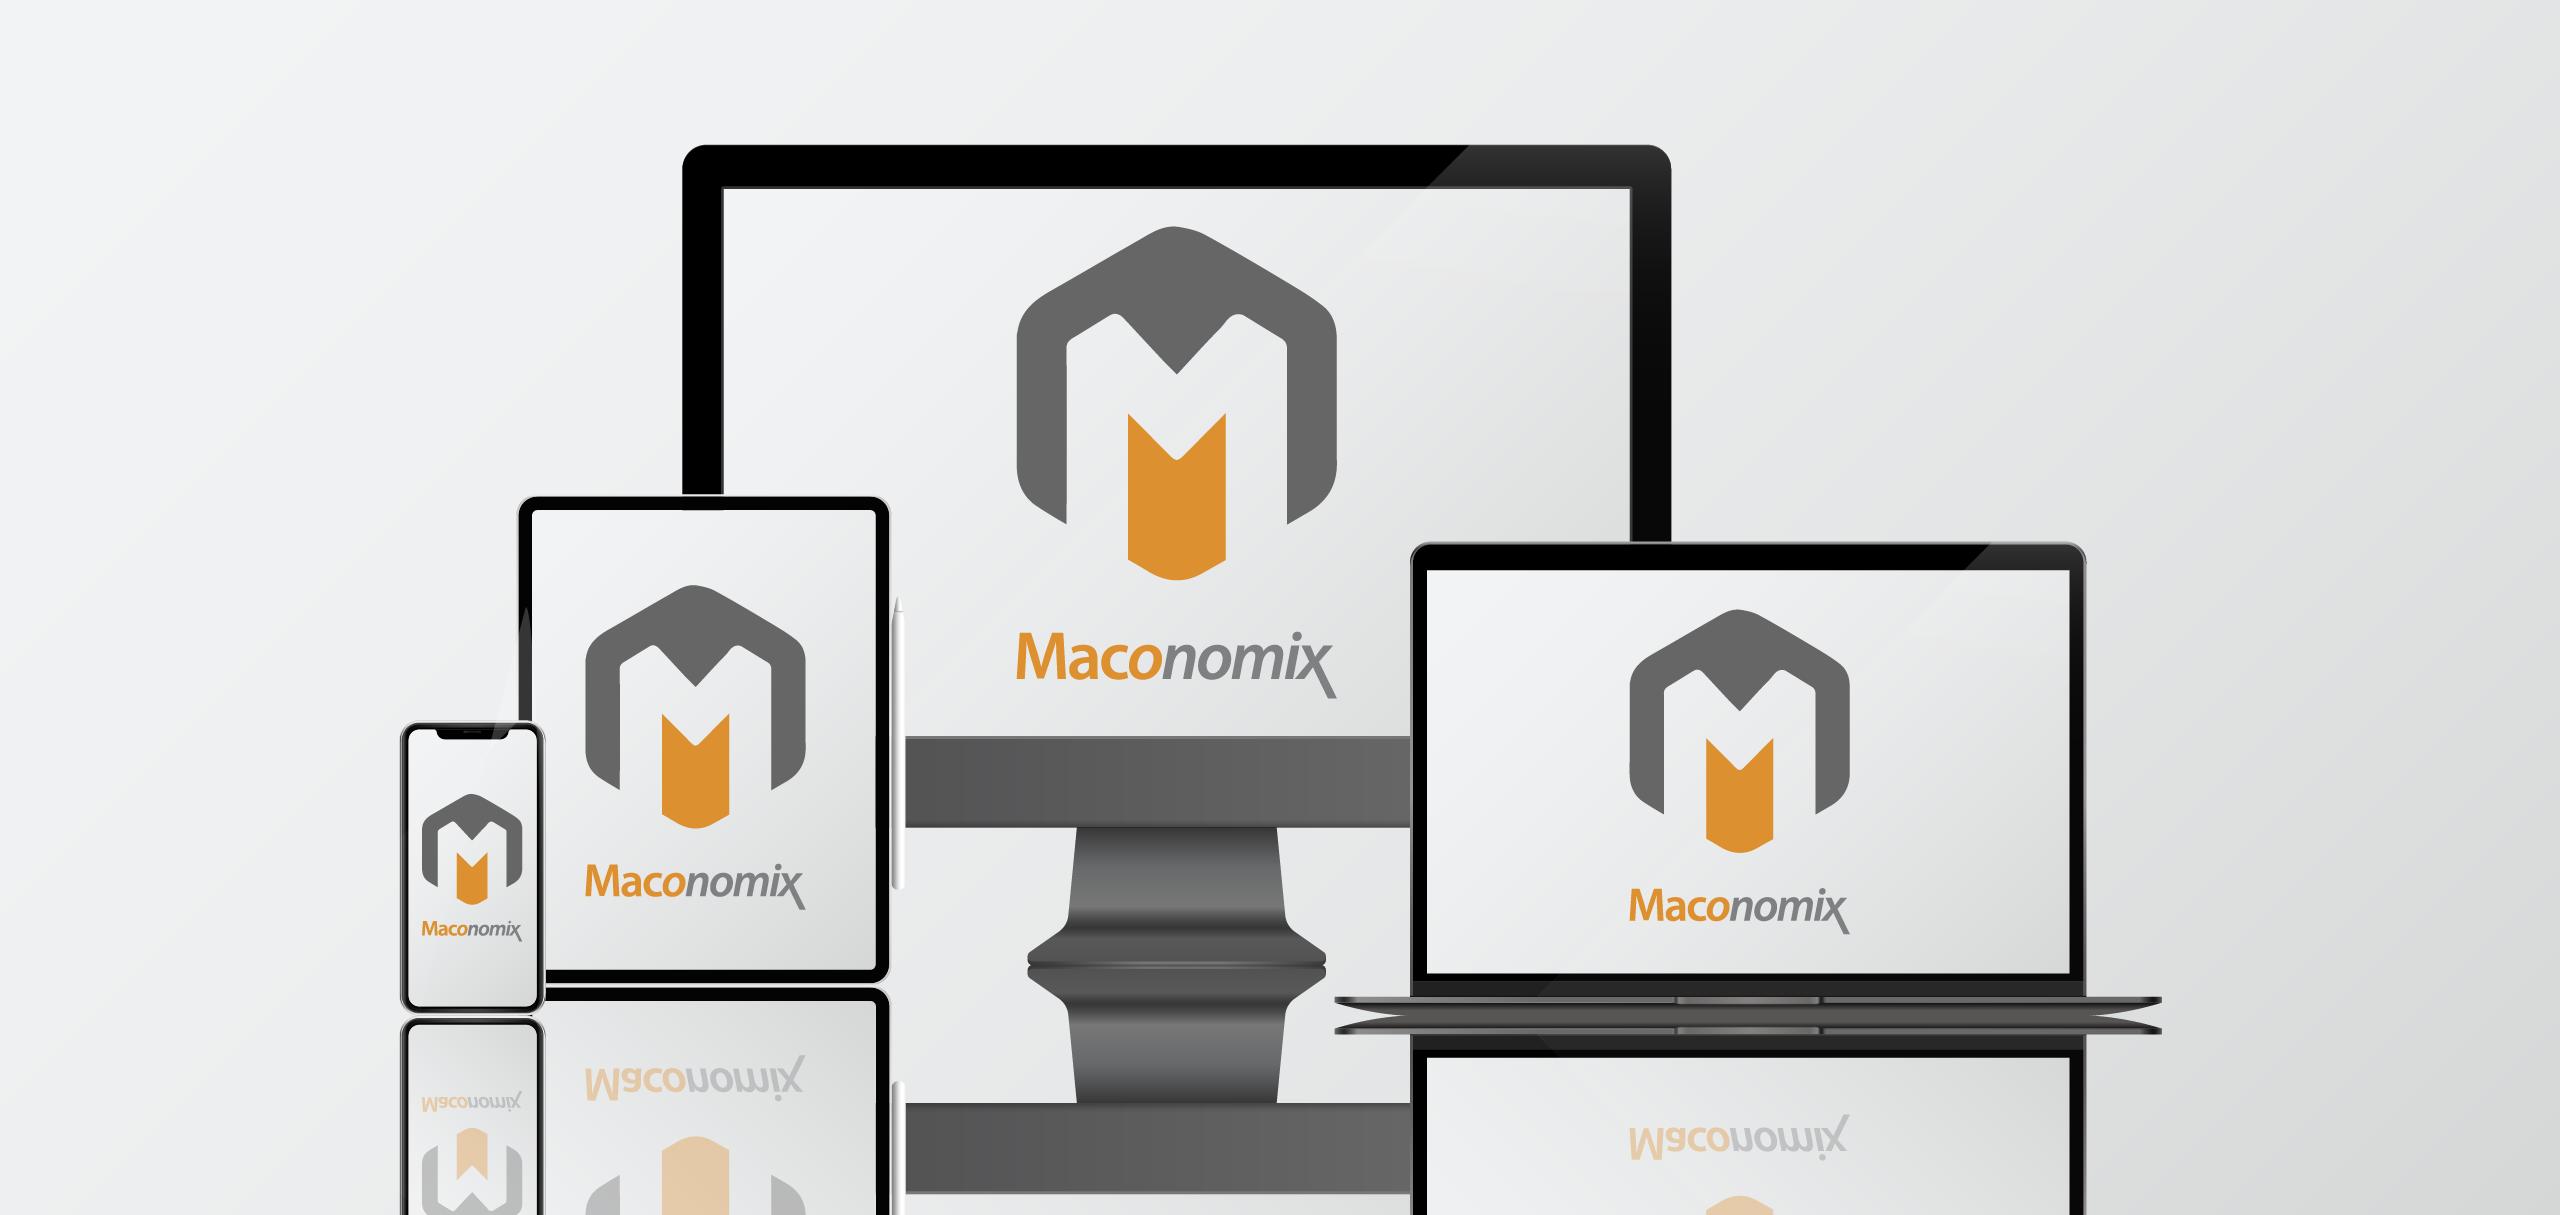 maconomix-apple-devices-row